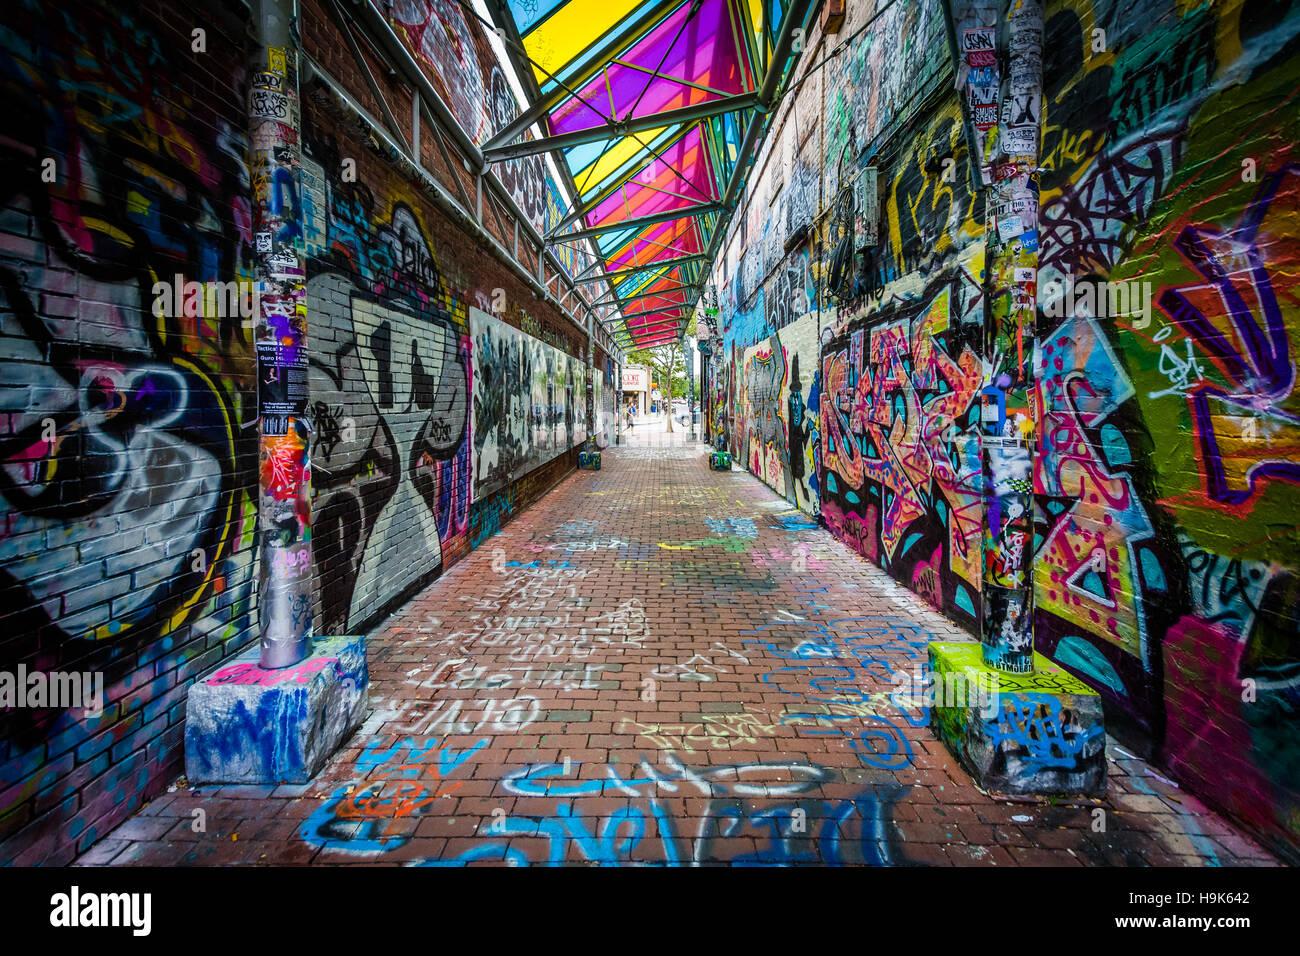 Graffiti wall cambridge ma - Graffiti Alley At Central Square In Cambridge Massachusetts Stock Photo